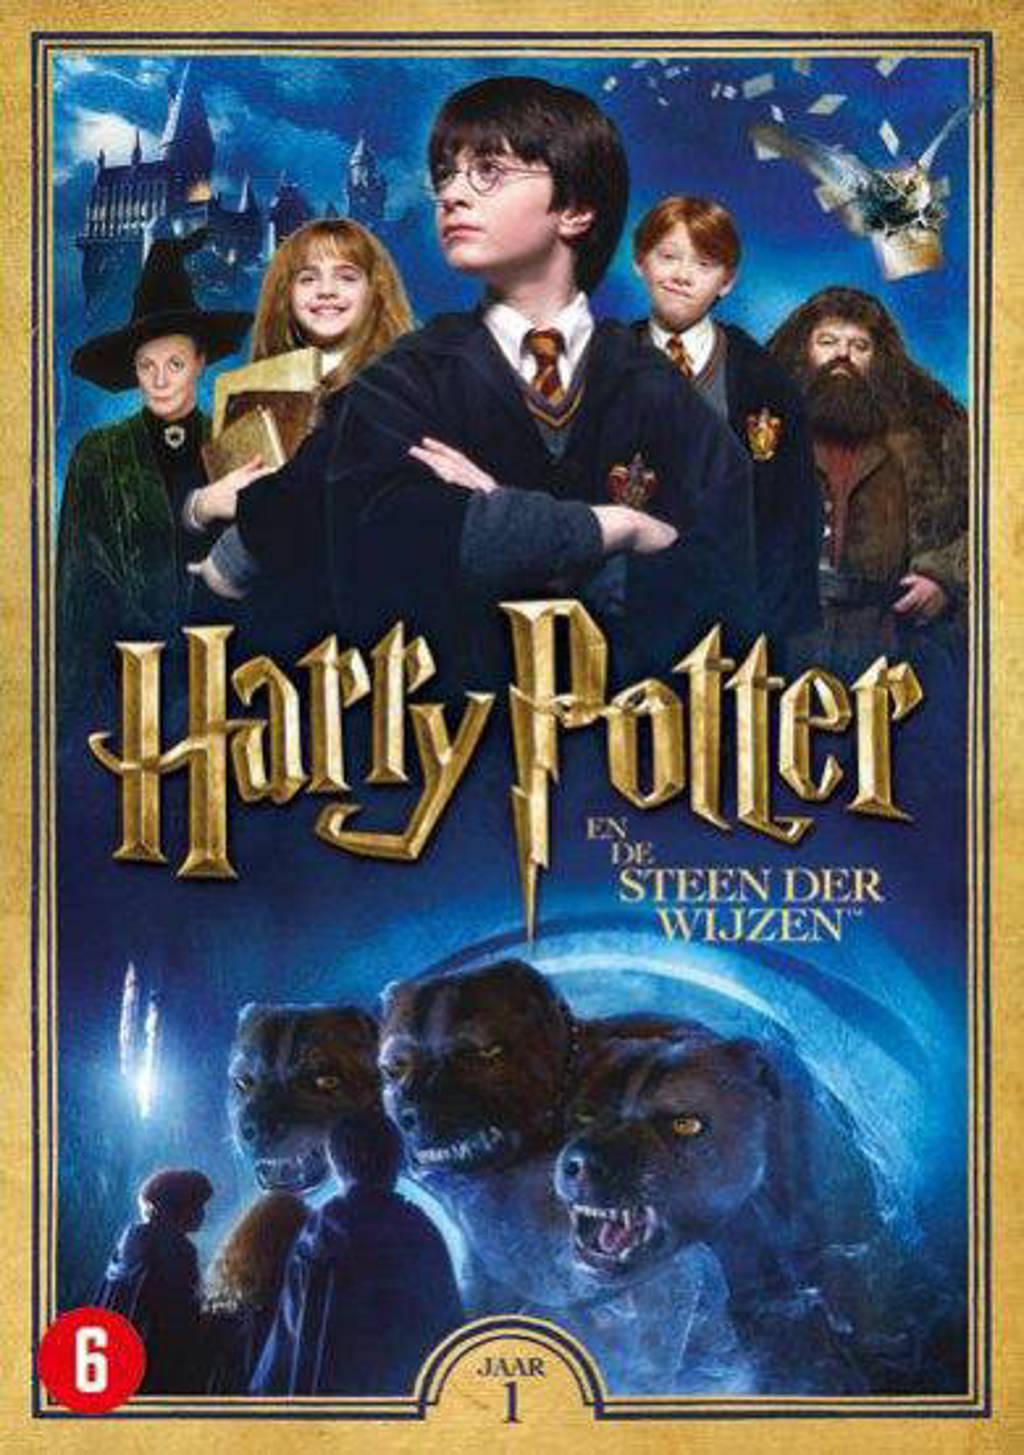 Harry Potter jaar 1 - De steen der wijzen (DVD)